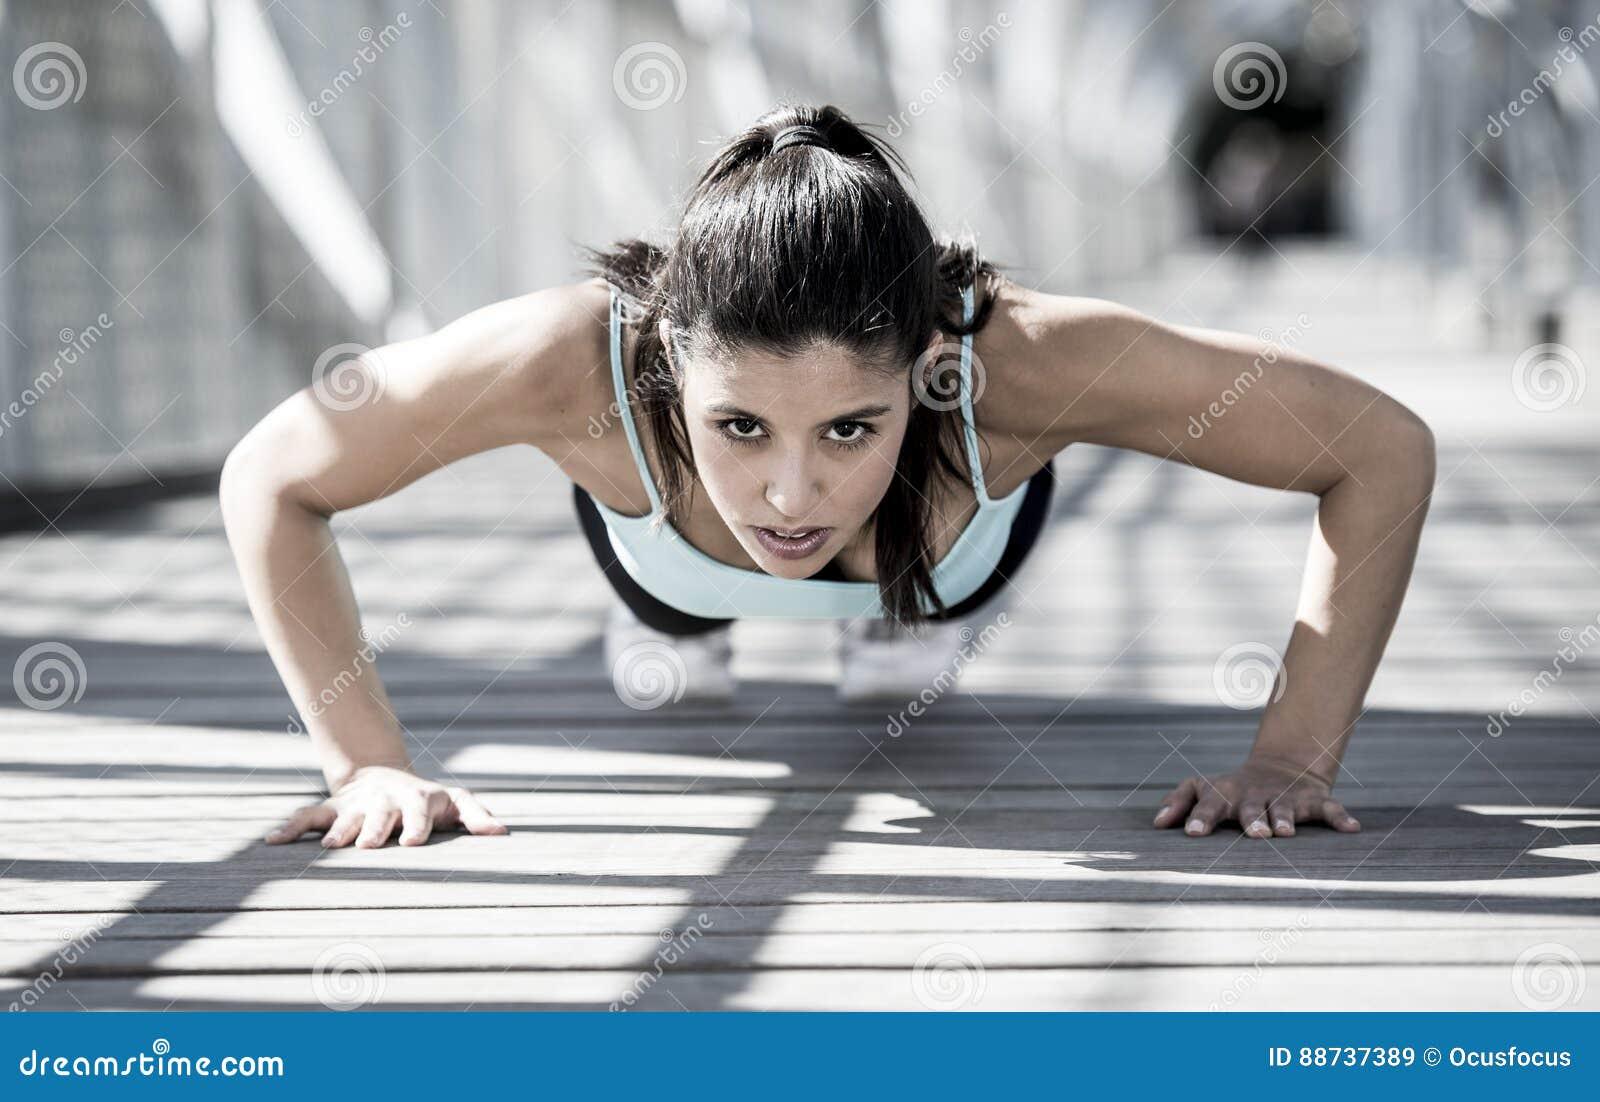 Faire de femme de sport sportif soulèvent avant le fonctionnement dans la séance d entraînement urbaine de formation